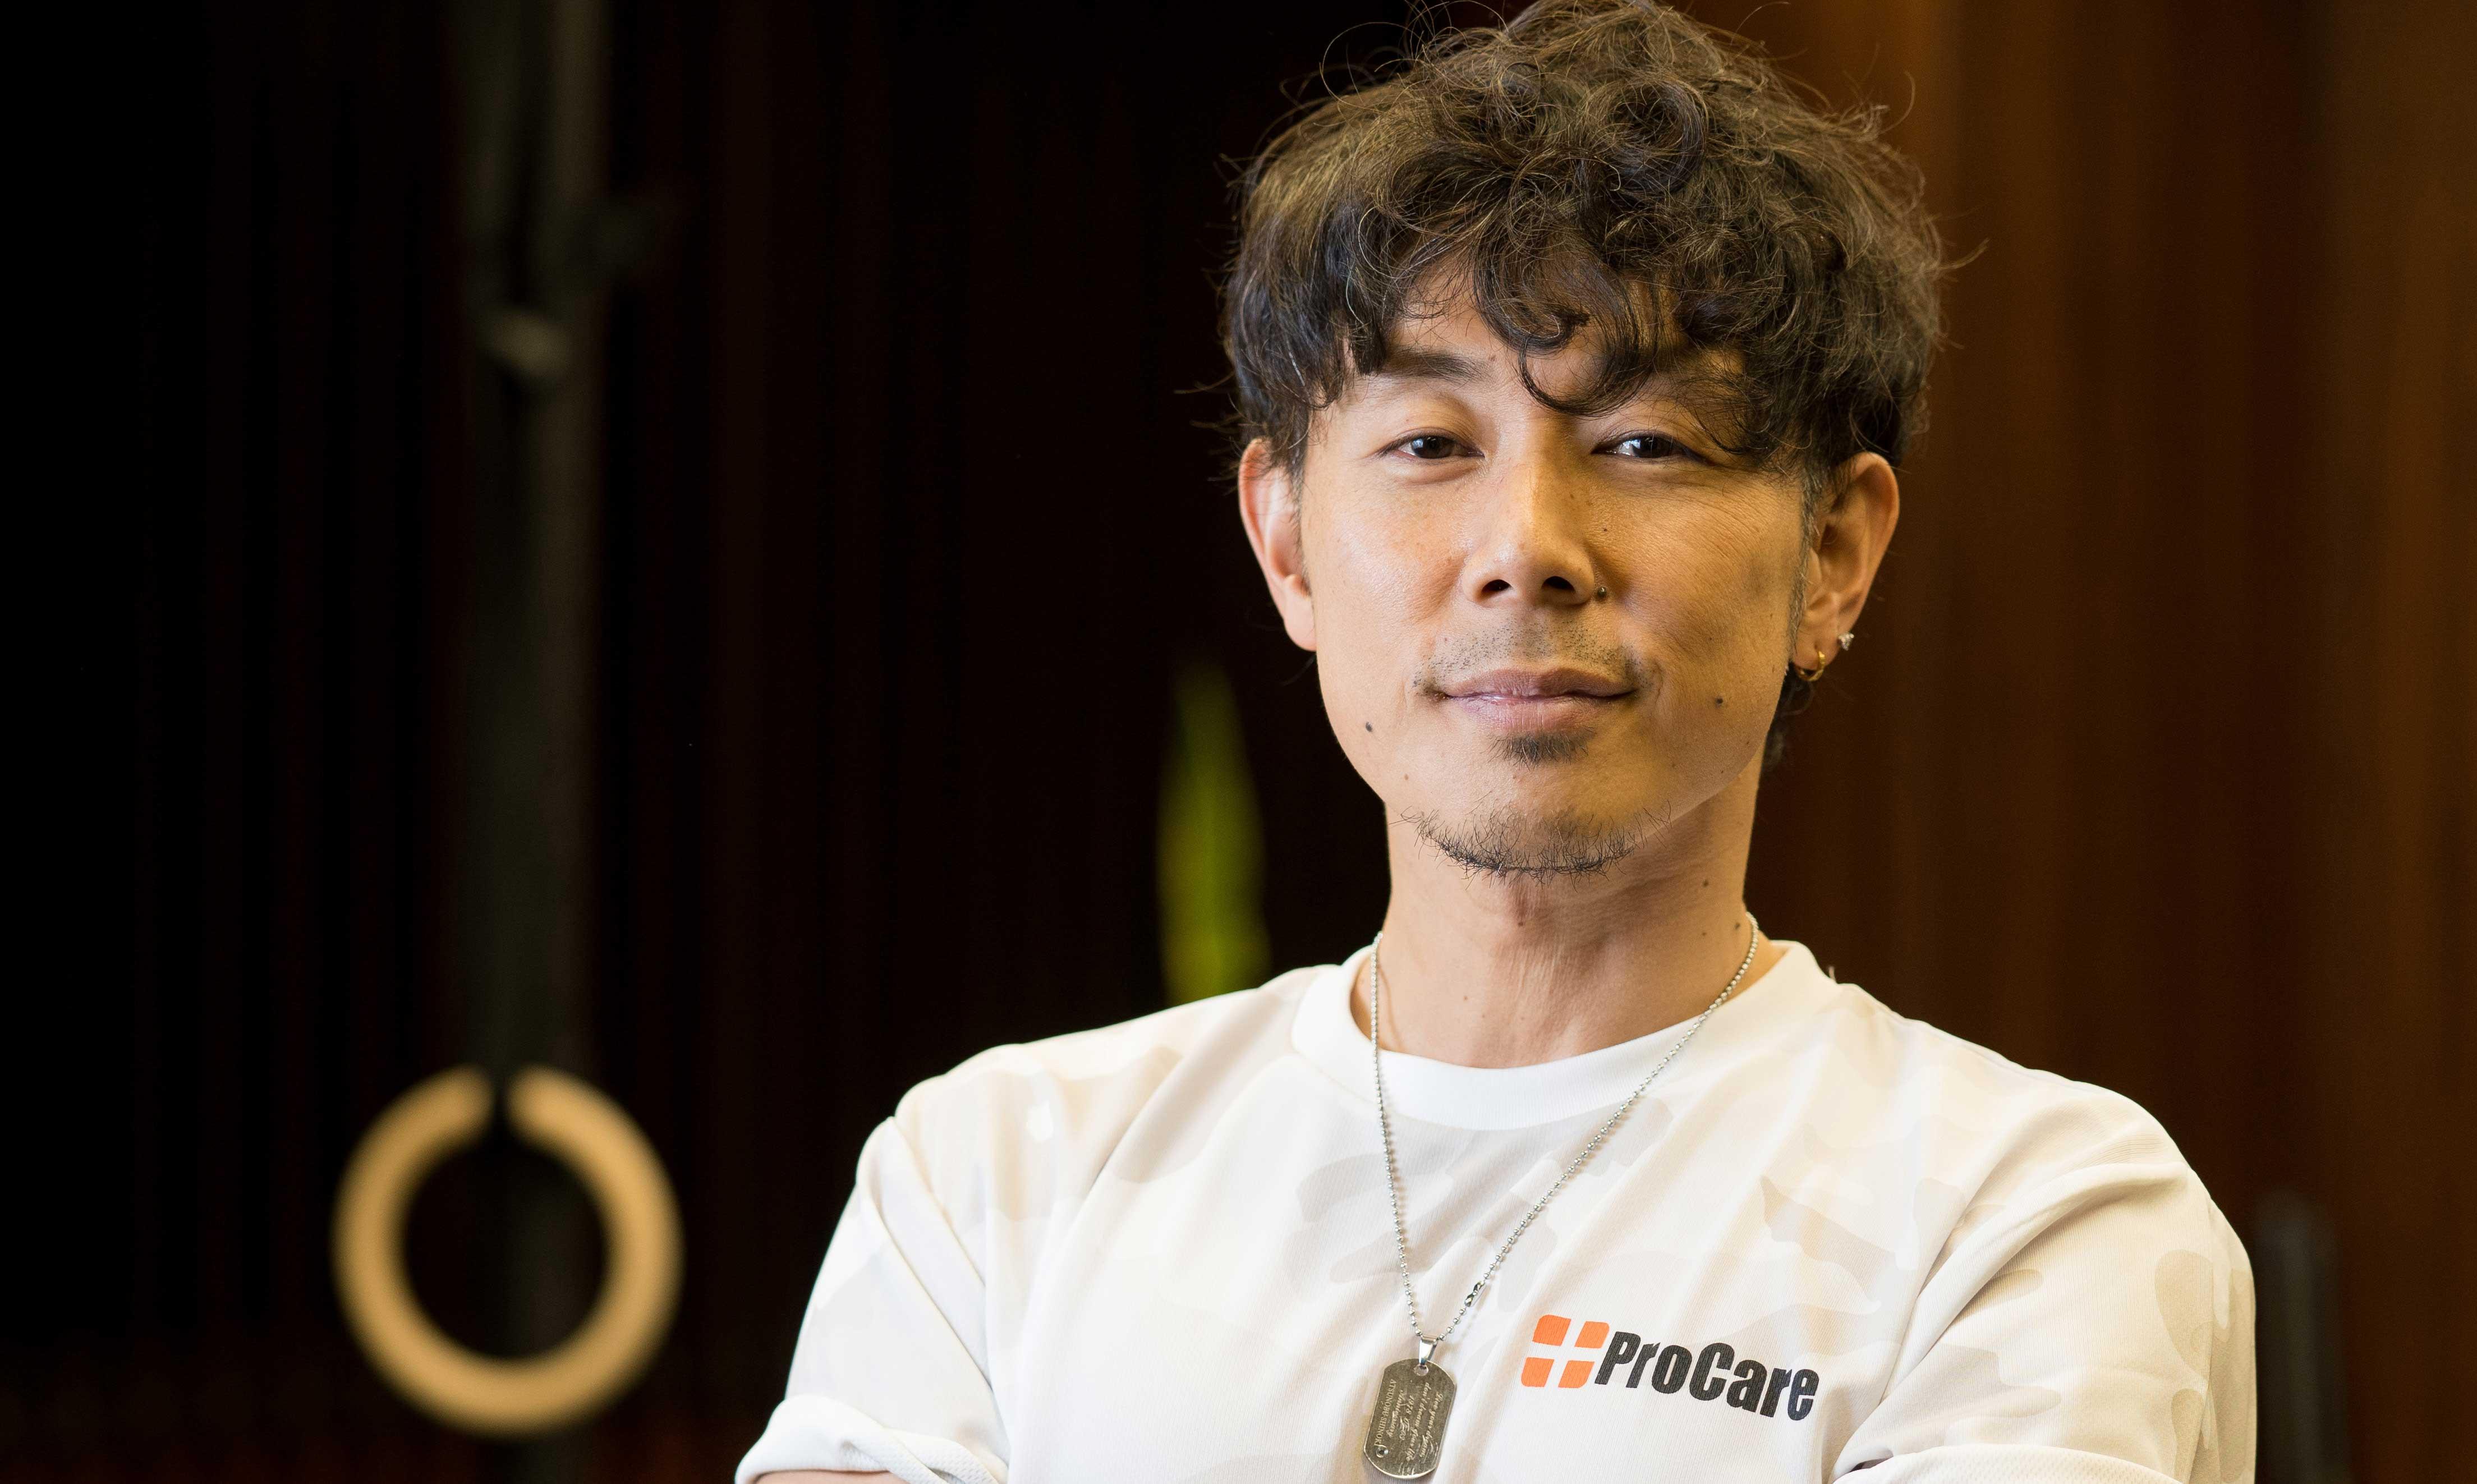 Shinoki Atsunobu